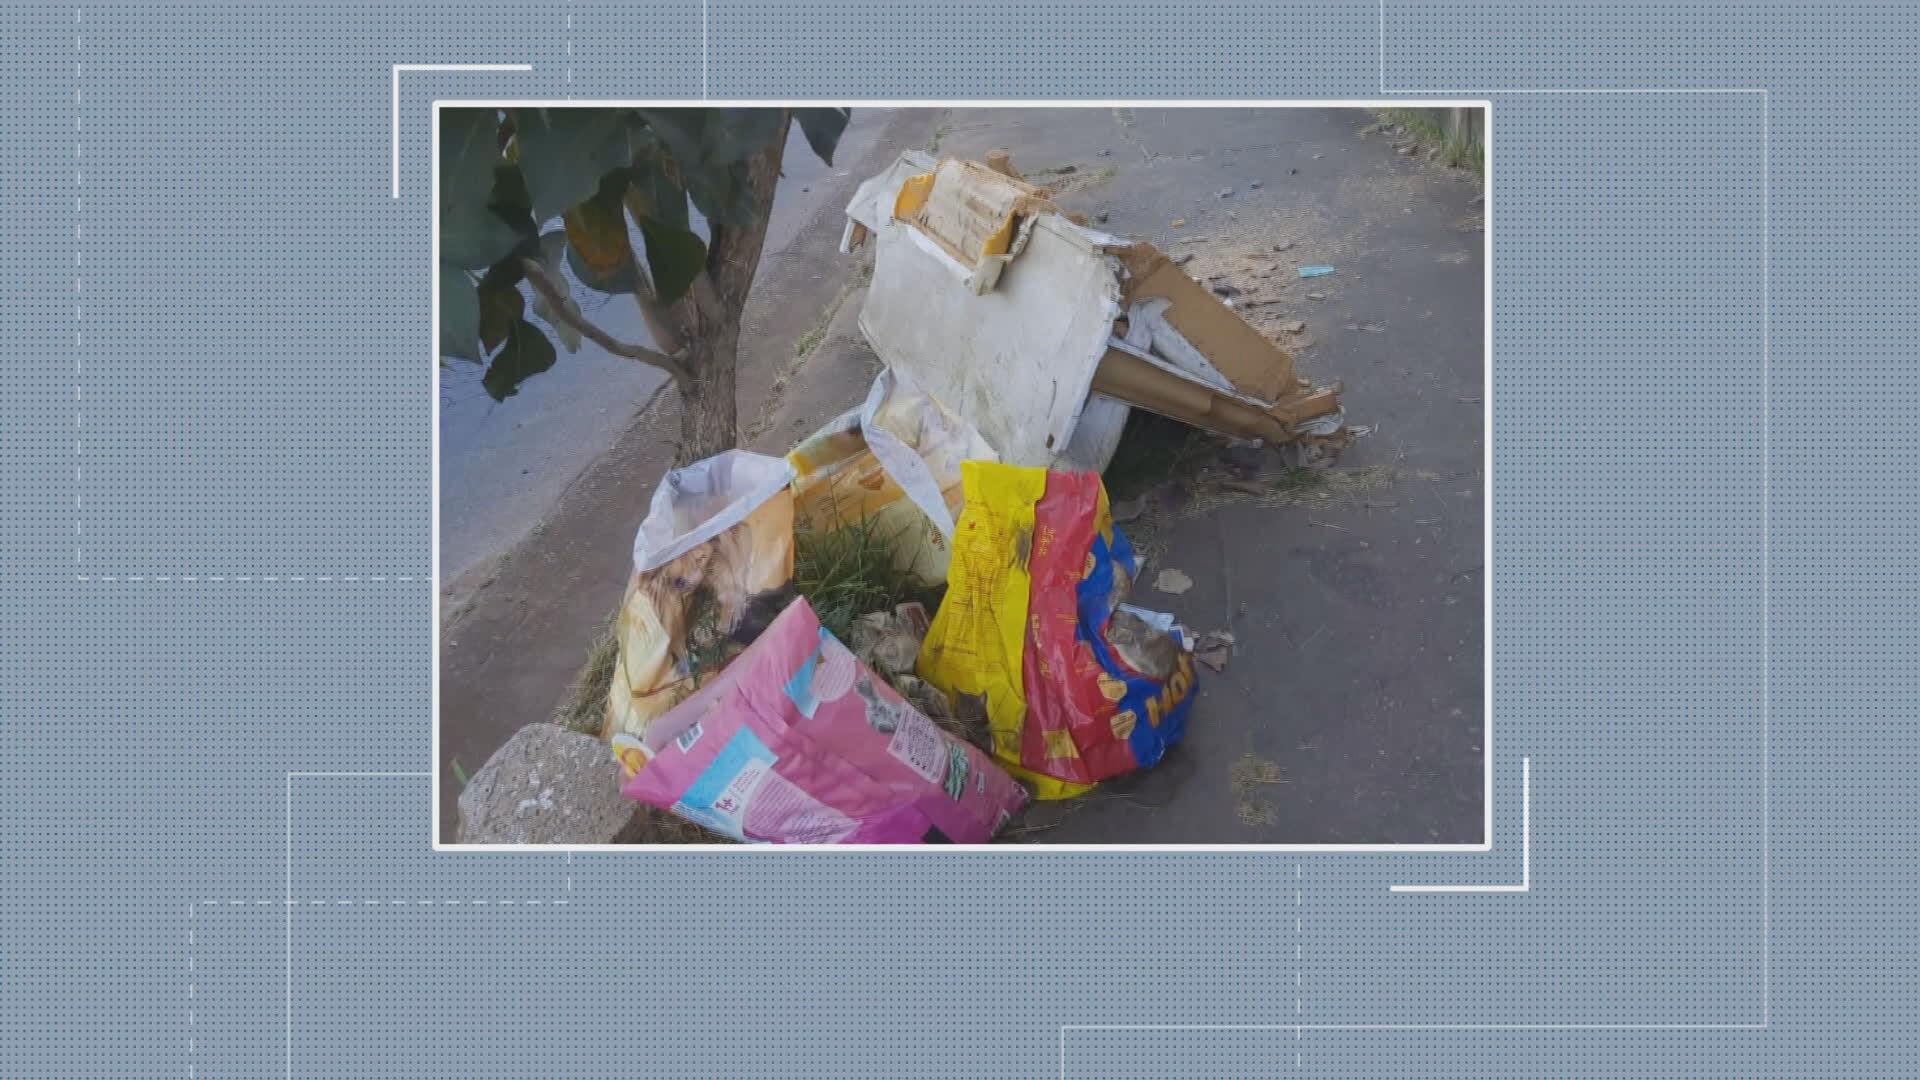 Moradores de BH reclamam de lixeiras estragadas, entulho e bota-fora irregular